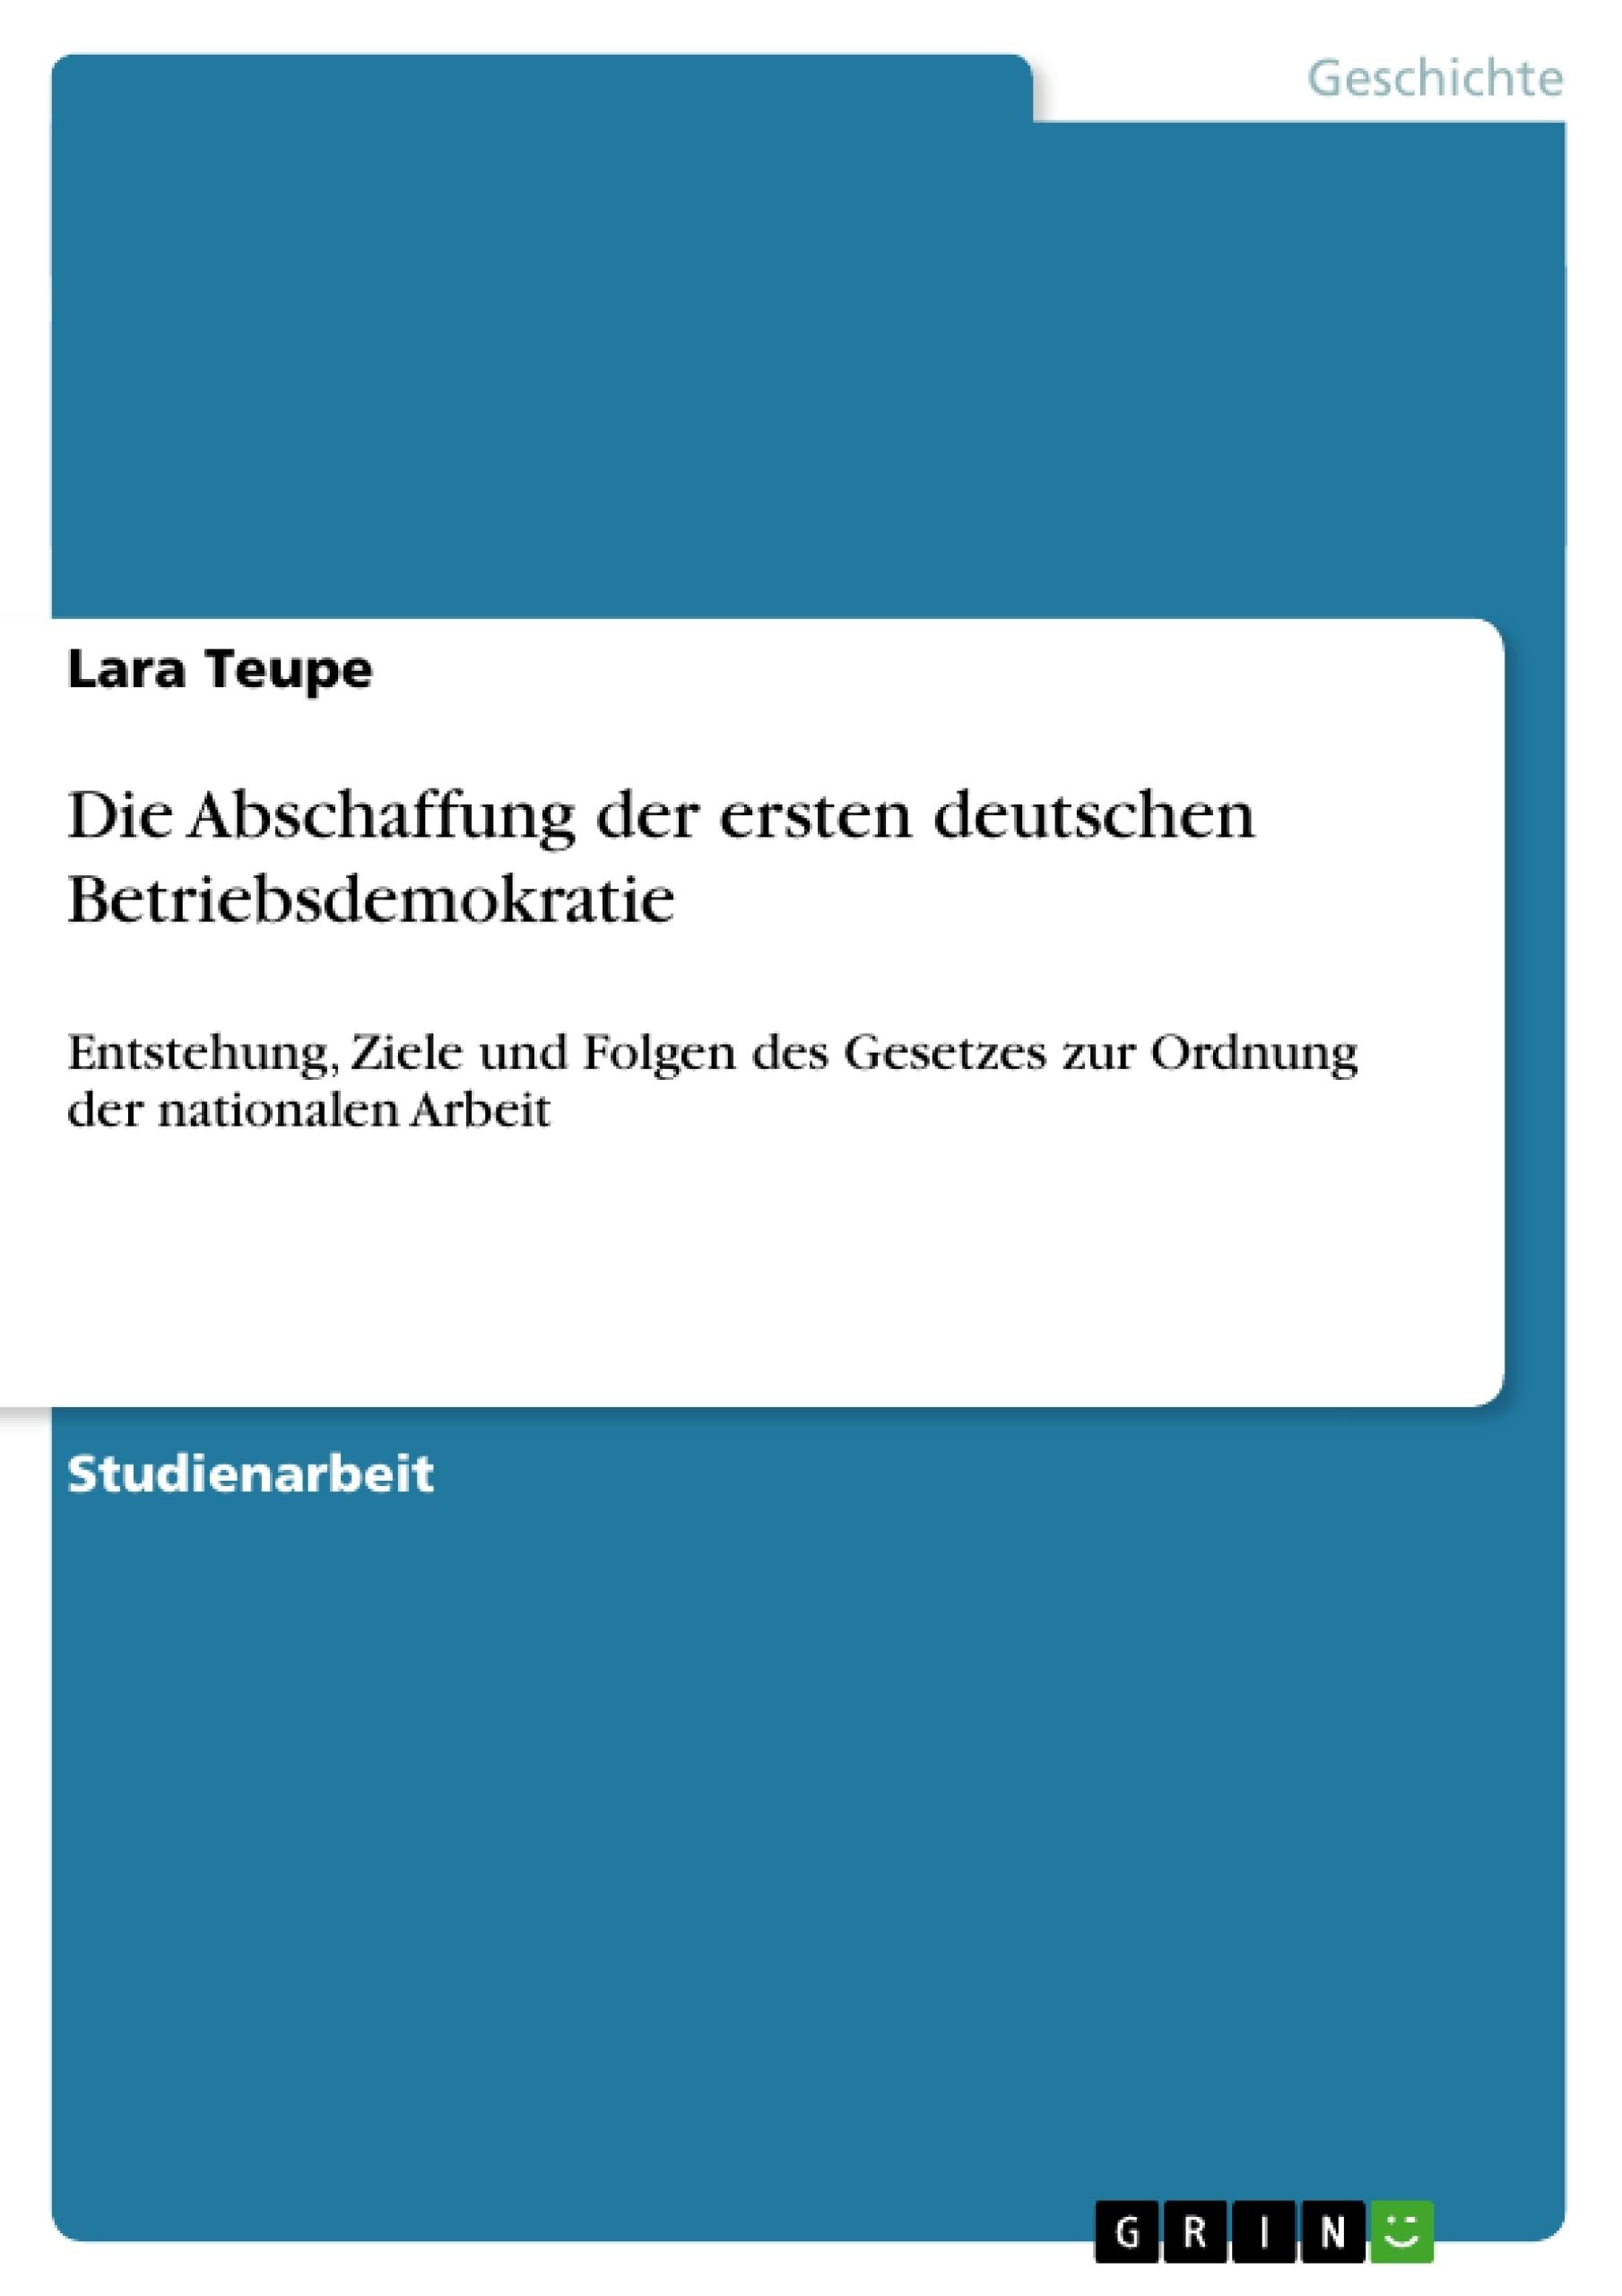 Titel: Die Abschaffung der ersten deutschen Betriebsdemokratie